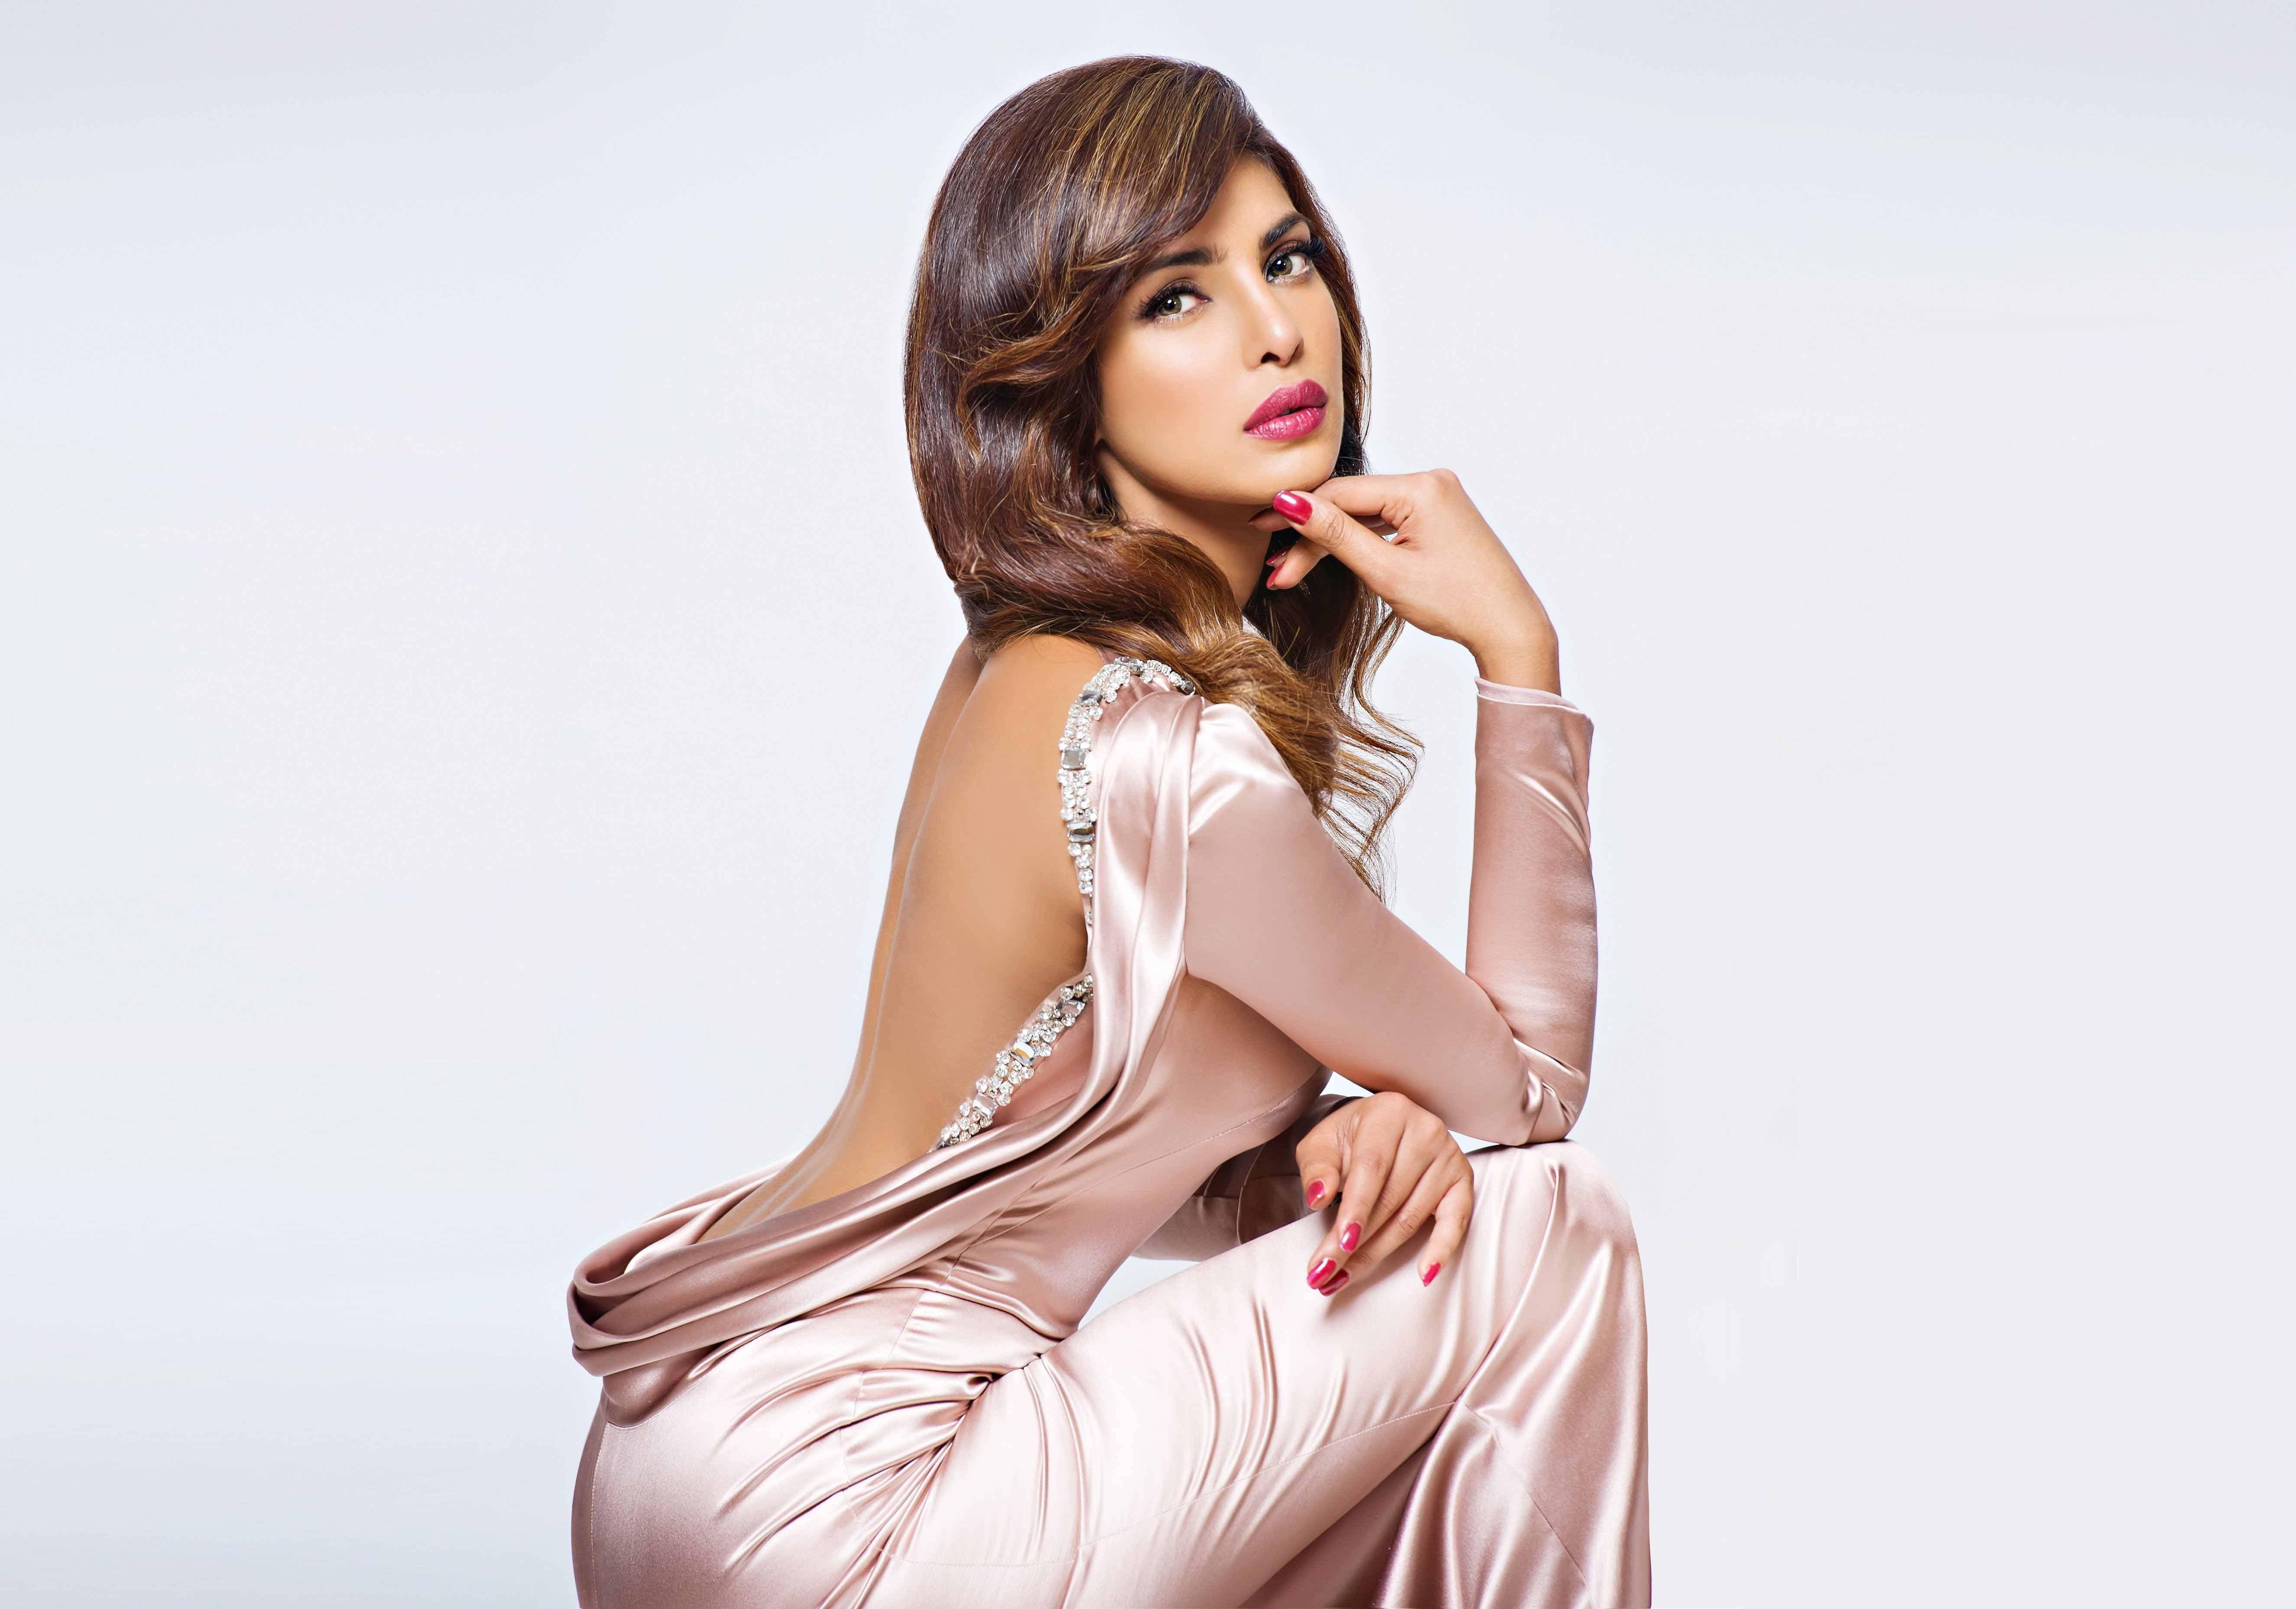 Priyanka chopra bollywood actress backless wallpapers